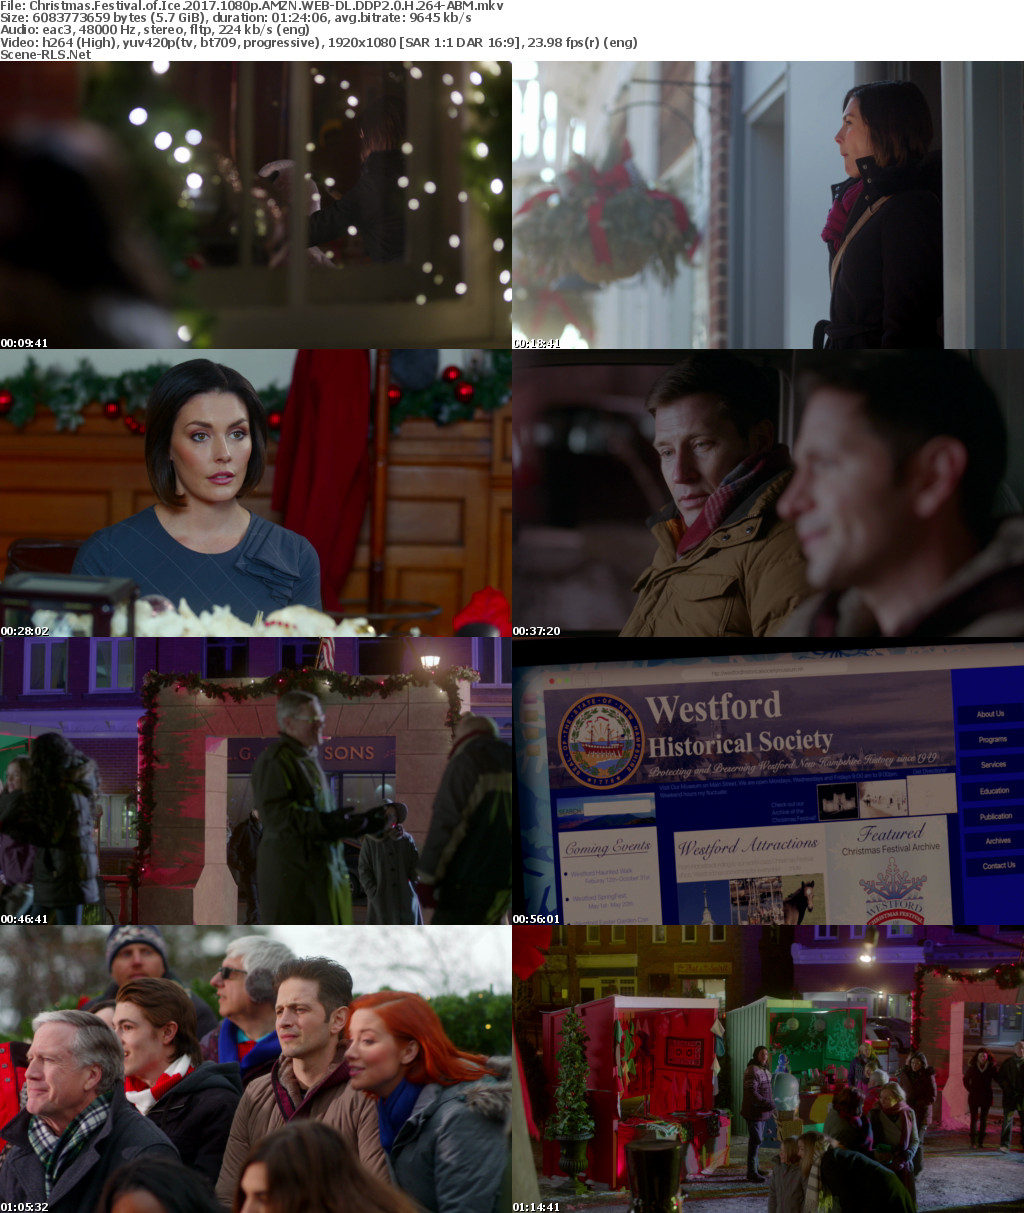 Christmas Festival Of Ice.Christmas Festival Of Ice 2017 1080p Amzn Web Dl Ddp2 0 H264